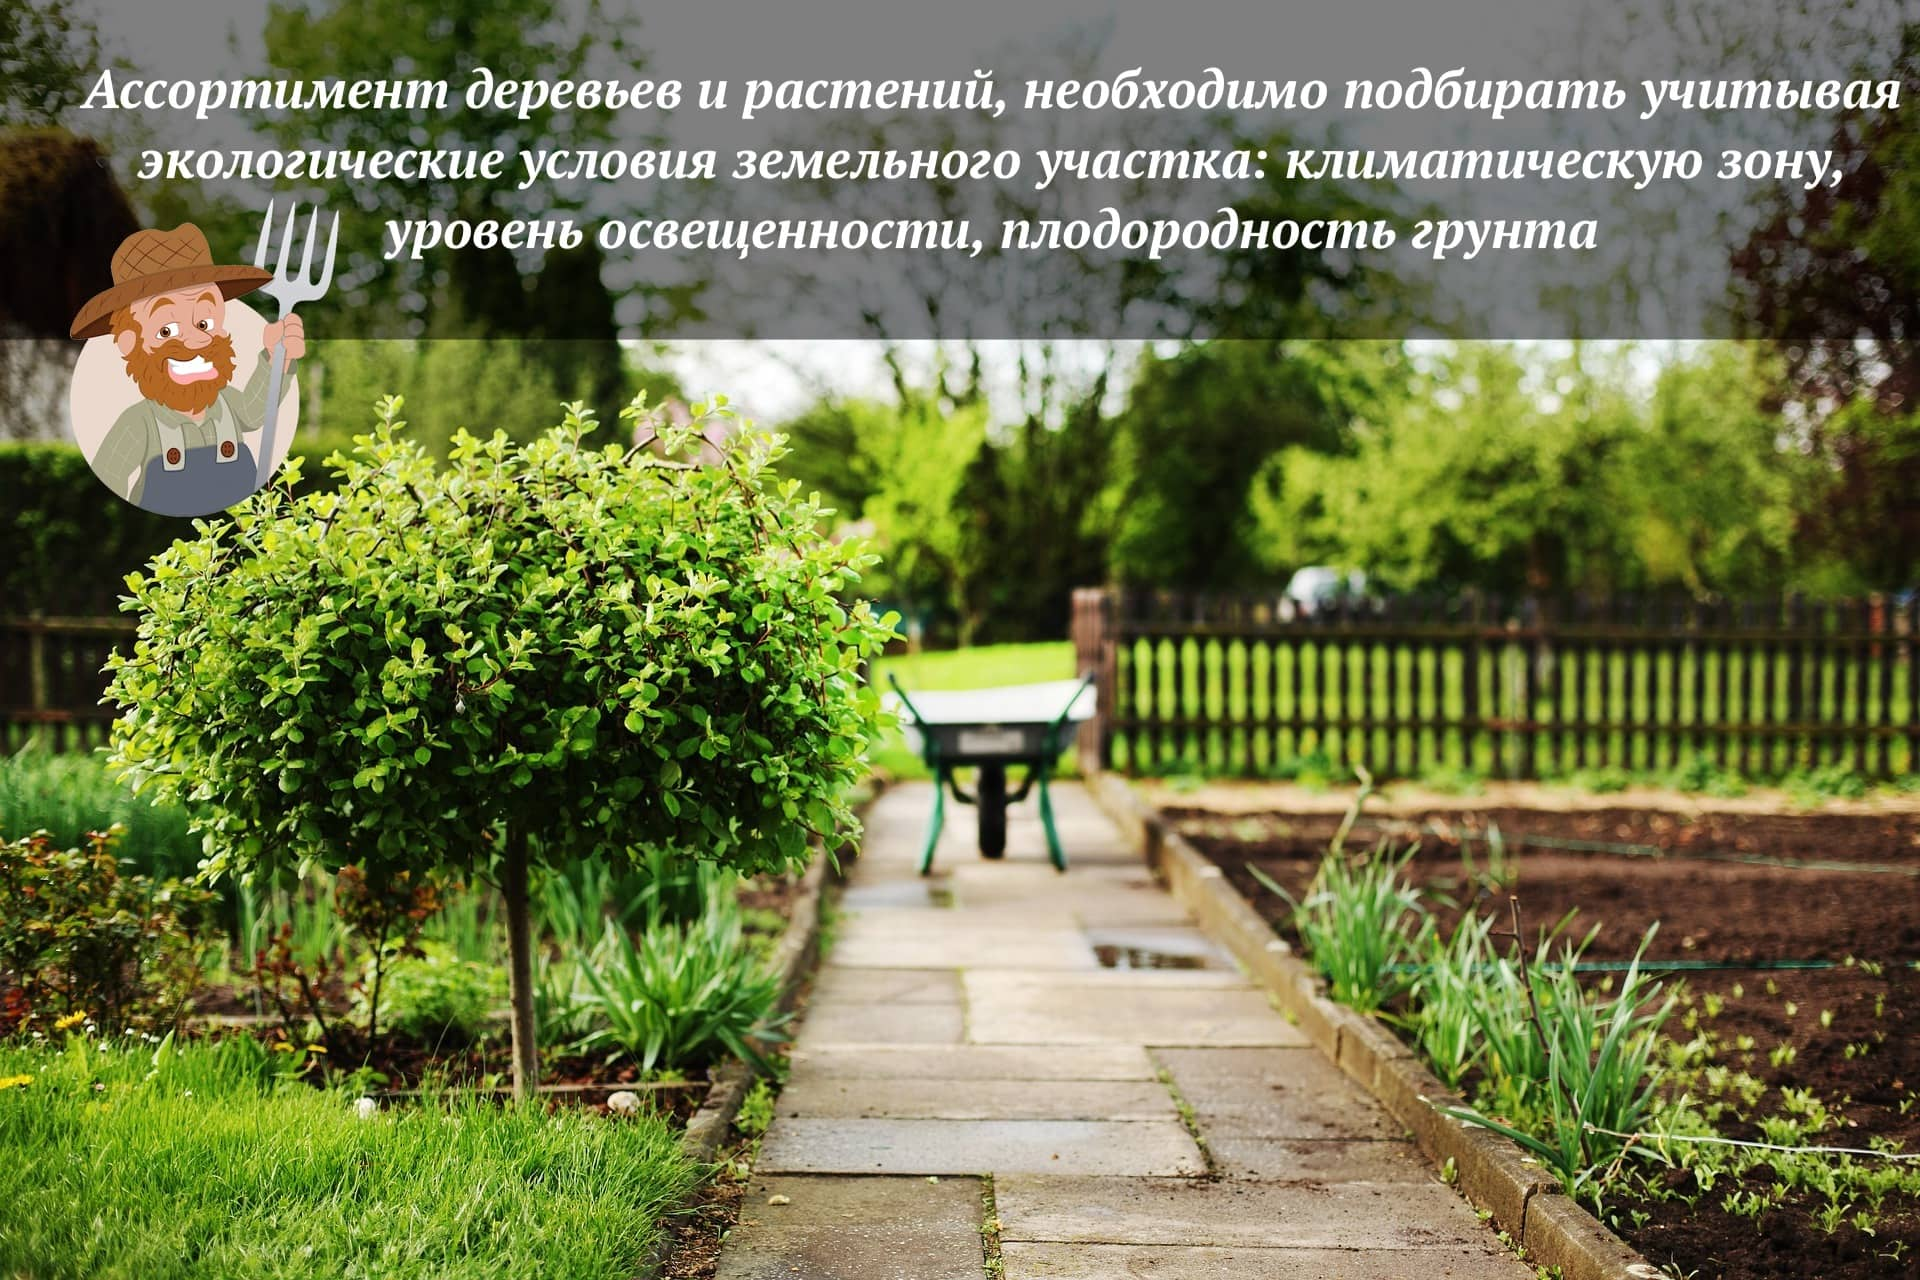 Красивые виды и сорта хвойников для дизайна сада и дачи